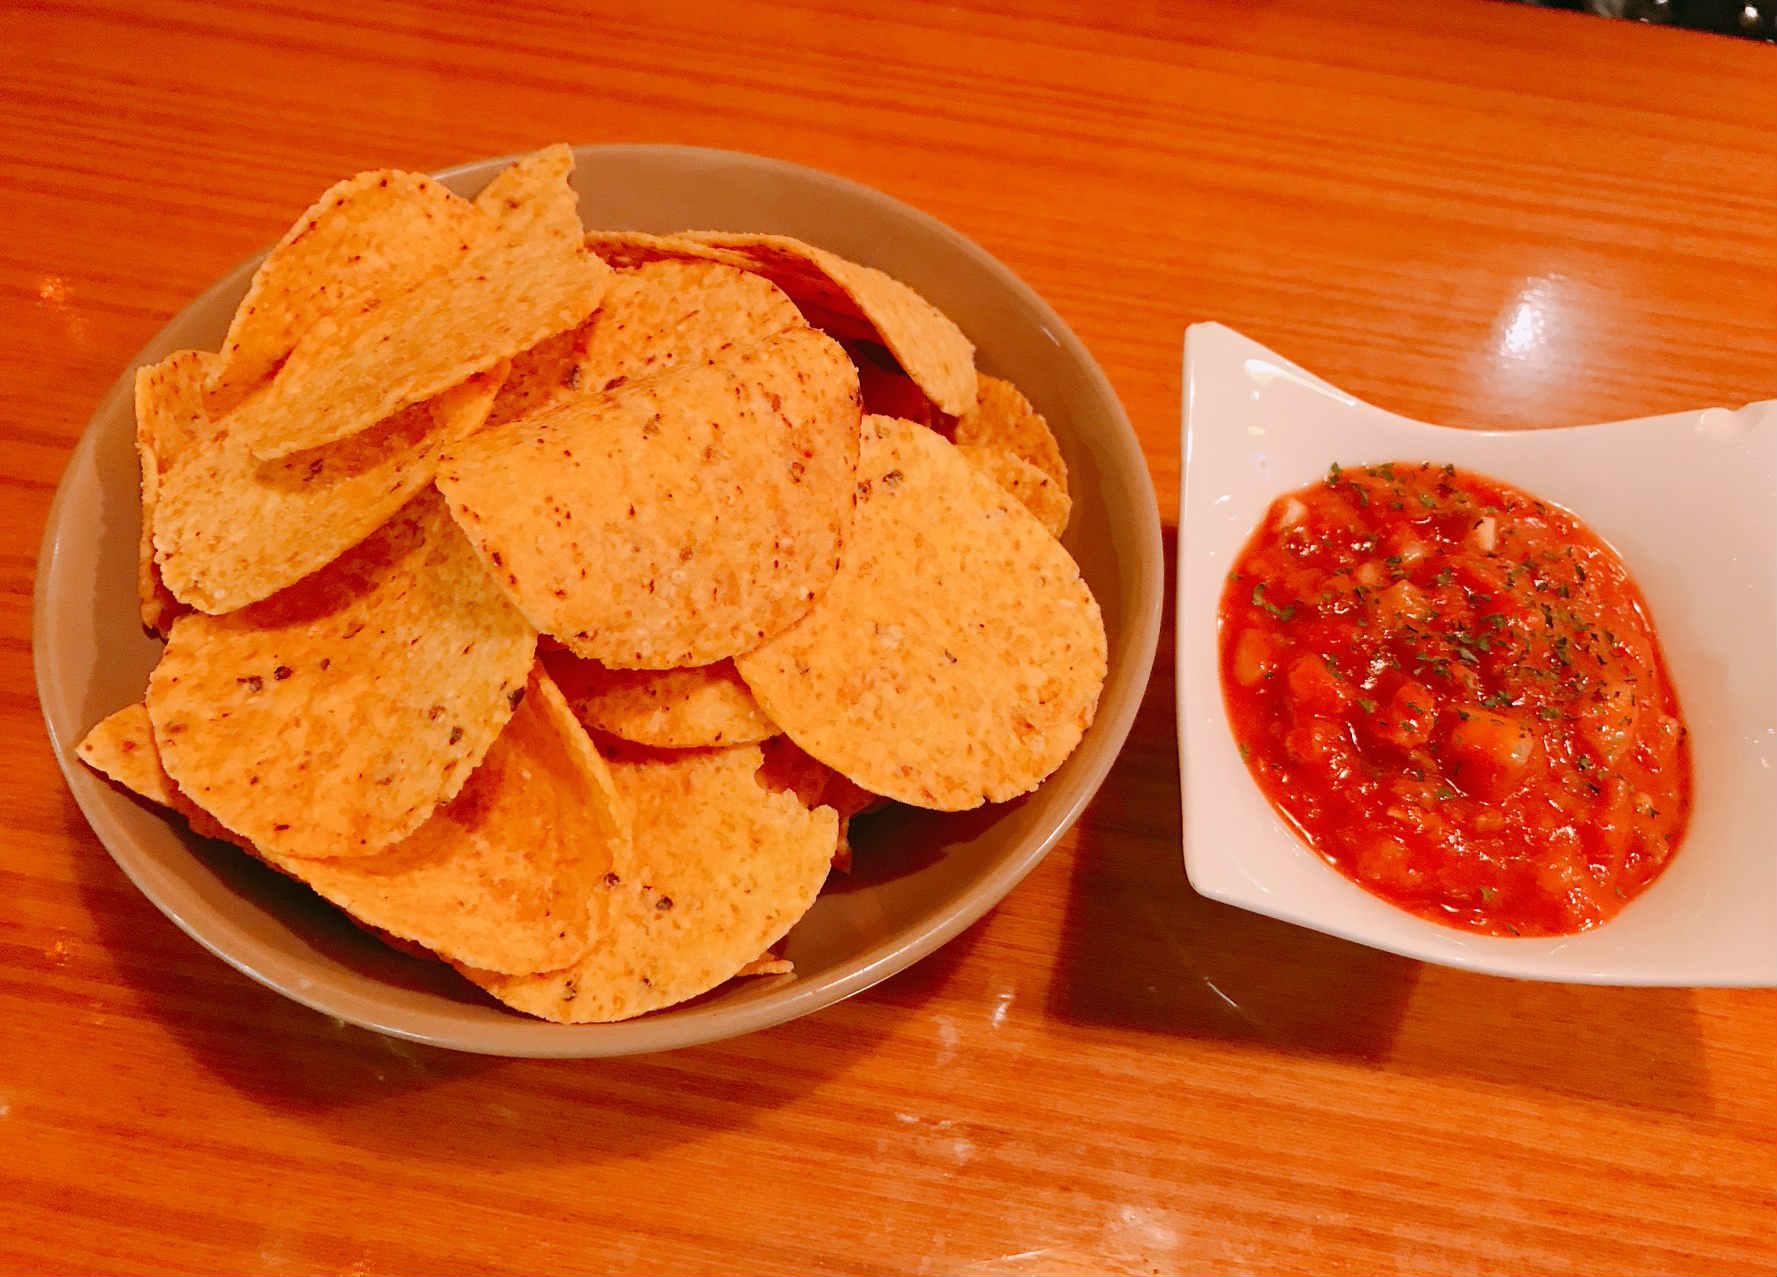 店家表示,墨西哥玉米脆片是這裡最受到歡迎的下酒菜。